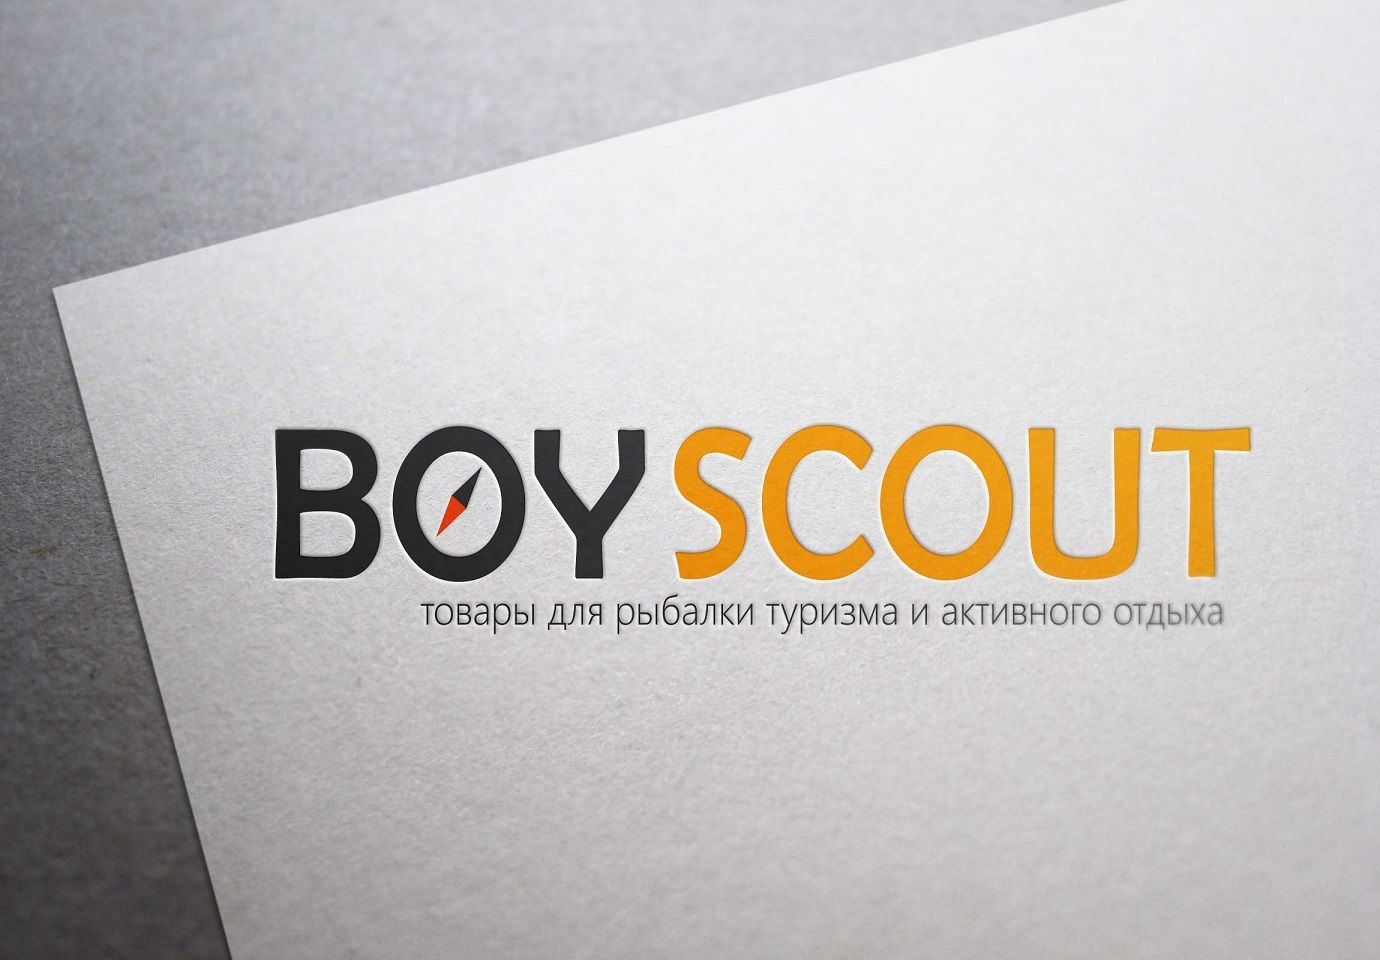 Логотип для сайта интернет-магазина BOY SCOUT - дизайнер anatoly_basov